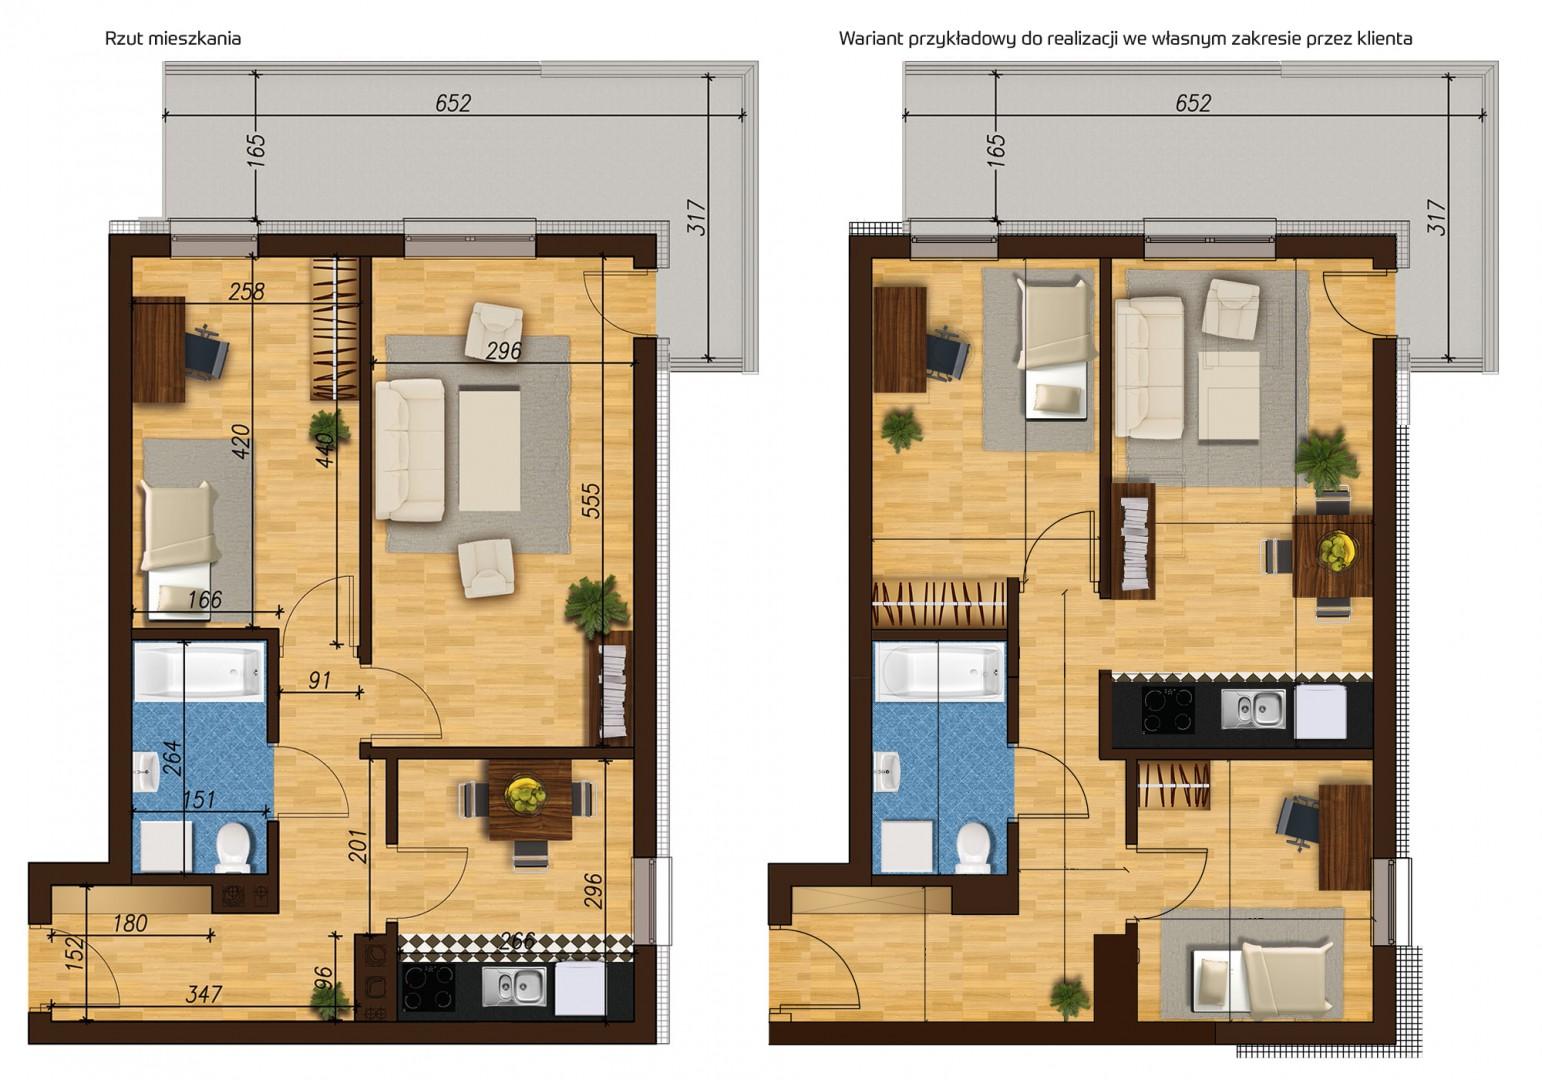 Mieszkanie dwupokojowe 33E/42 rzut 1